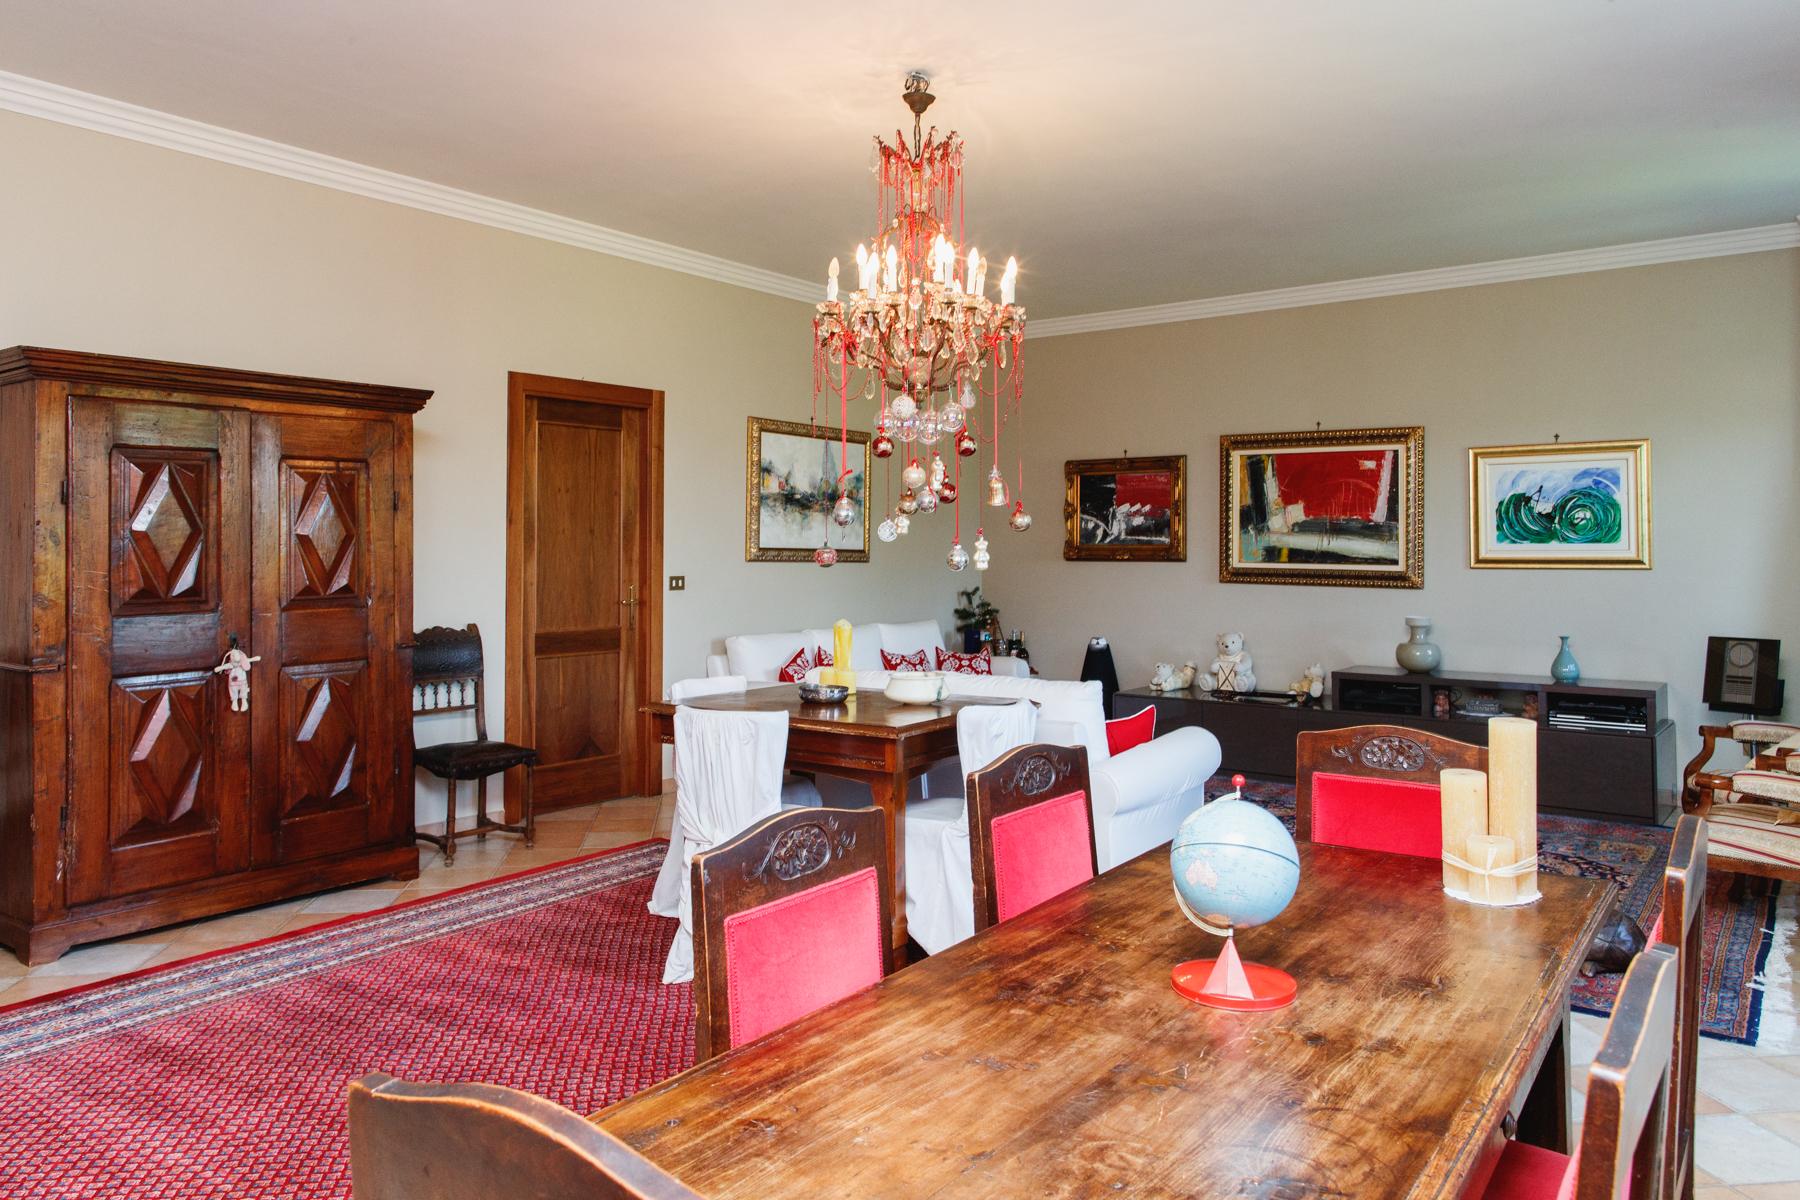 Casa indipendente in Vendita a Moncalieri: 5 locali, 370 mq - Foto 14